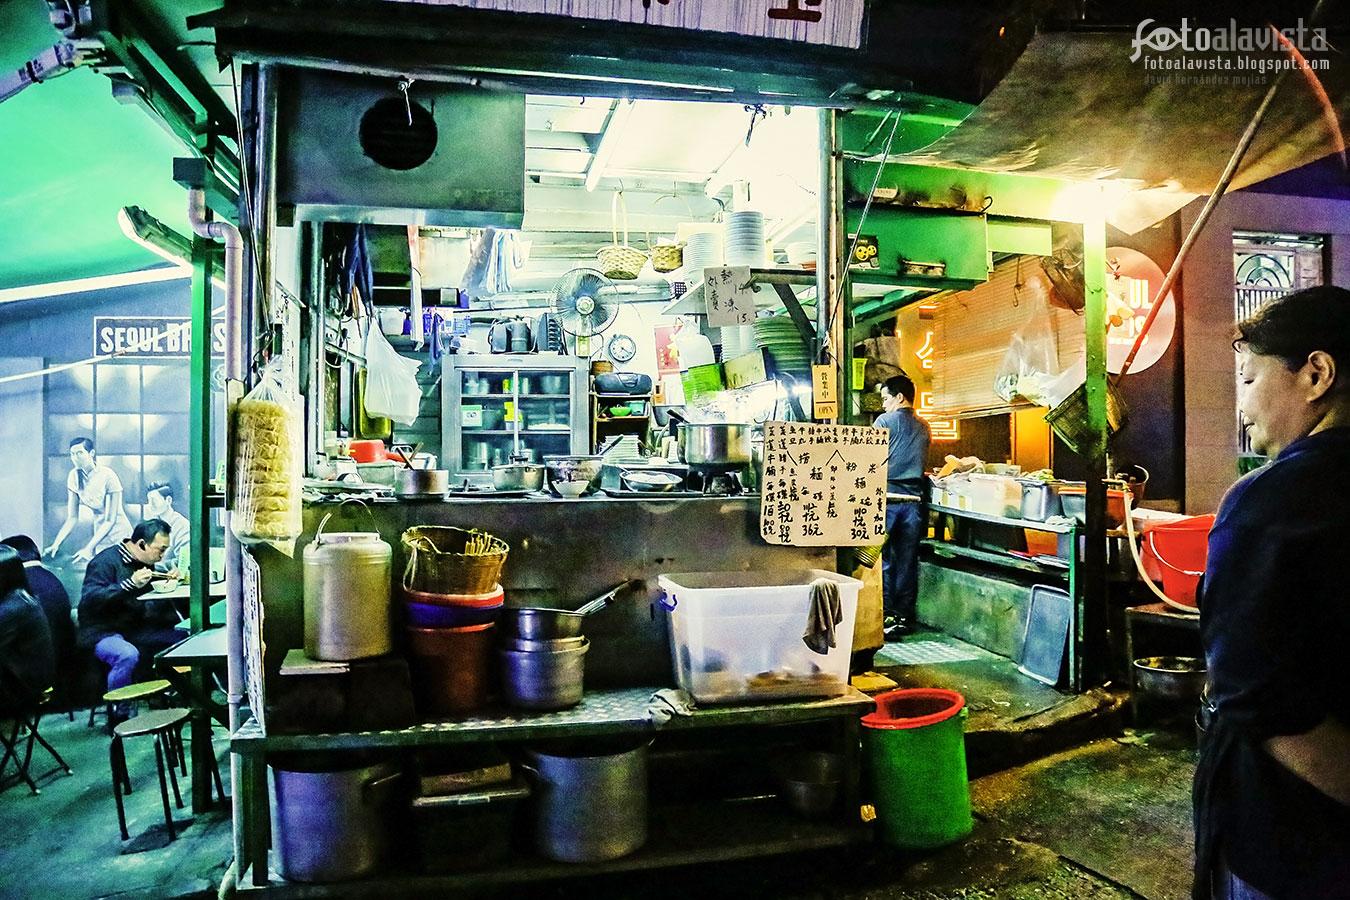 Cocina de calle - Fotografía artística